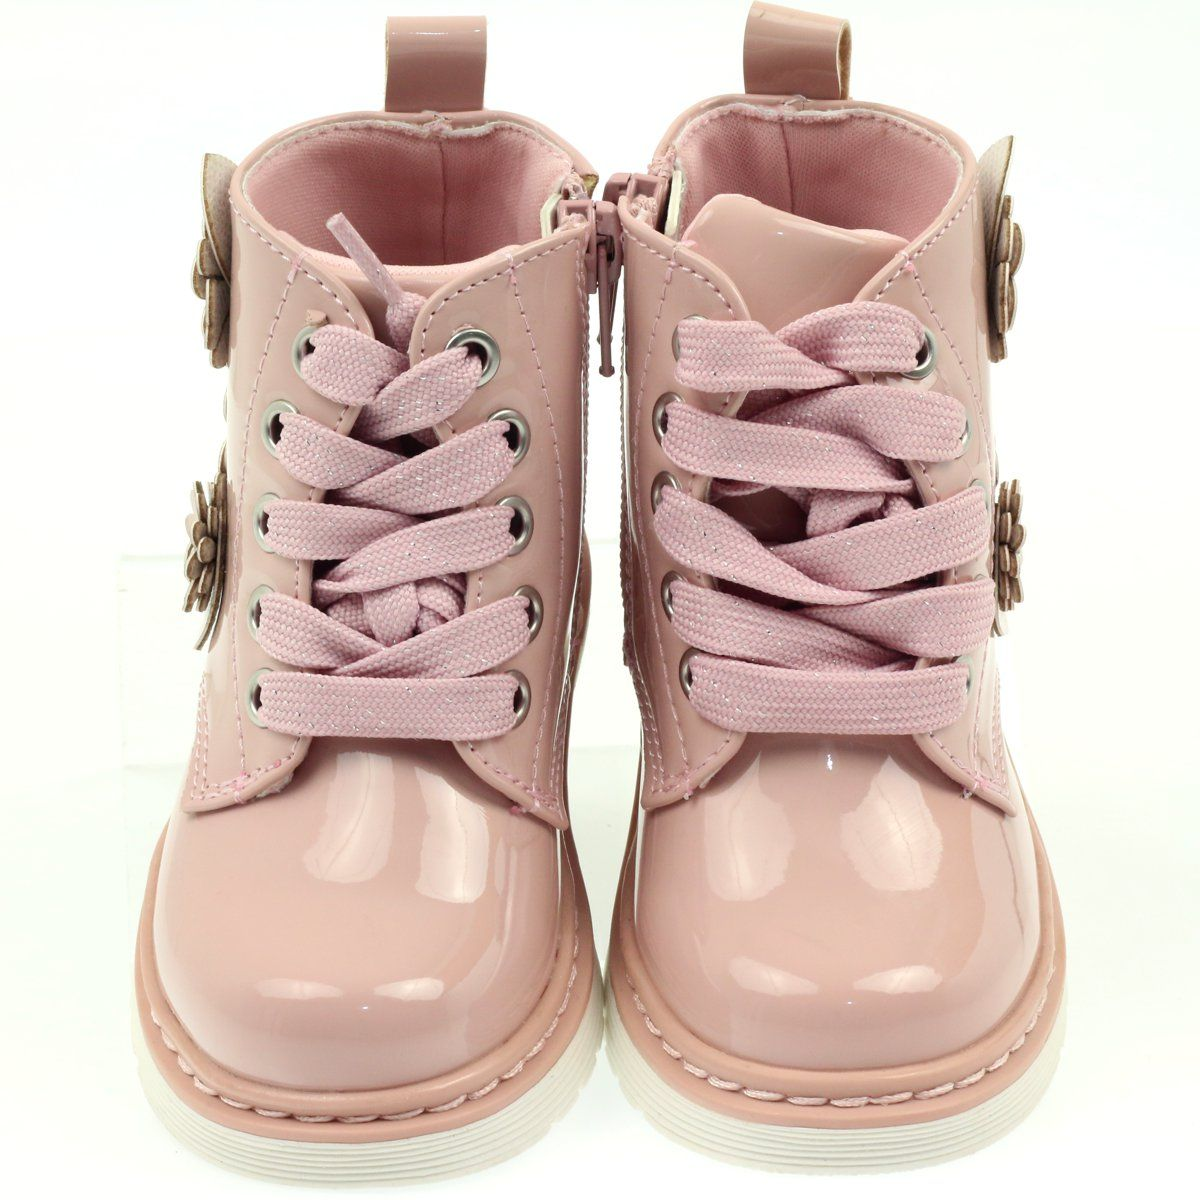 Polbuty I Trzewiki Dzieciece Dla Dzieci Americanclub American Club Rozowe Trzewiki Botki Kwiatki American 14247 Baby Shoes Boots Shoes